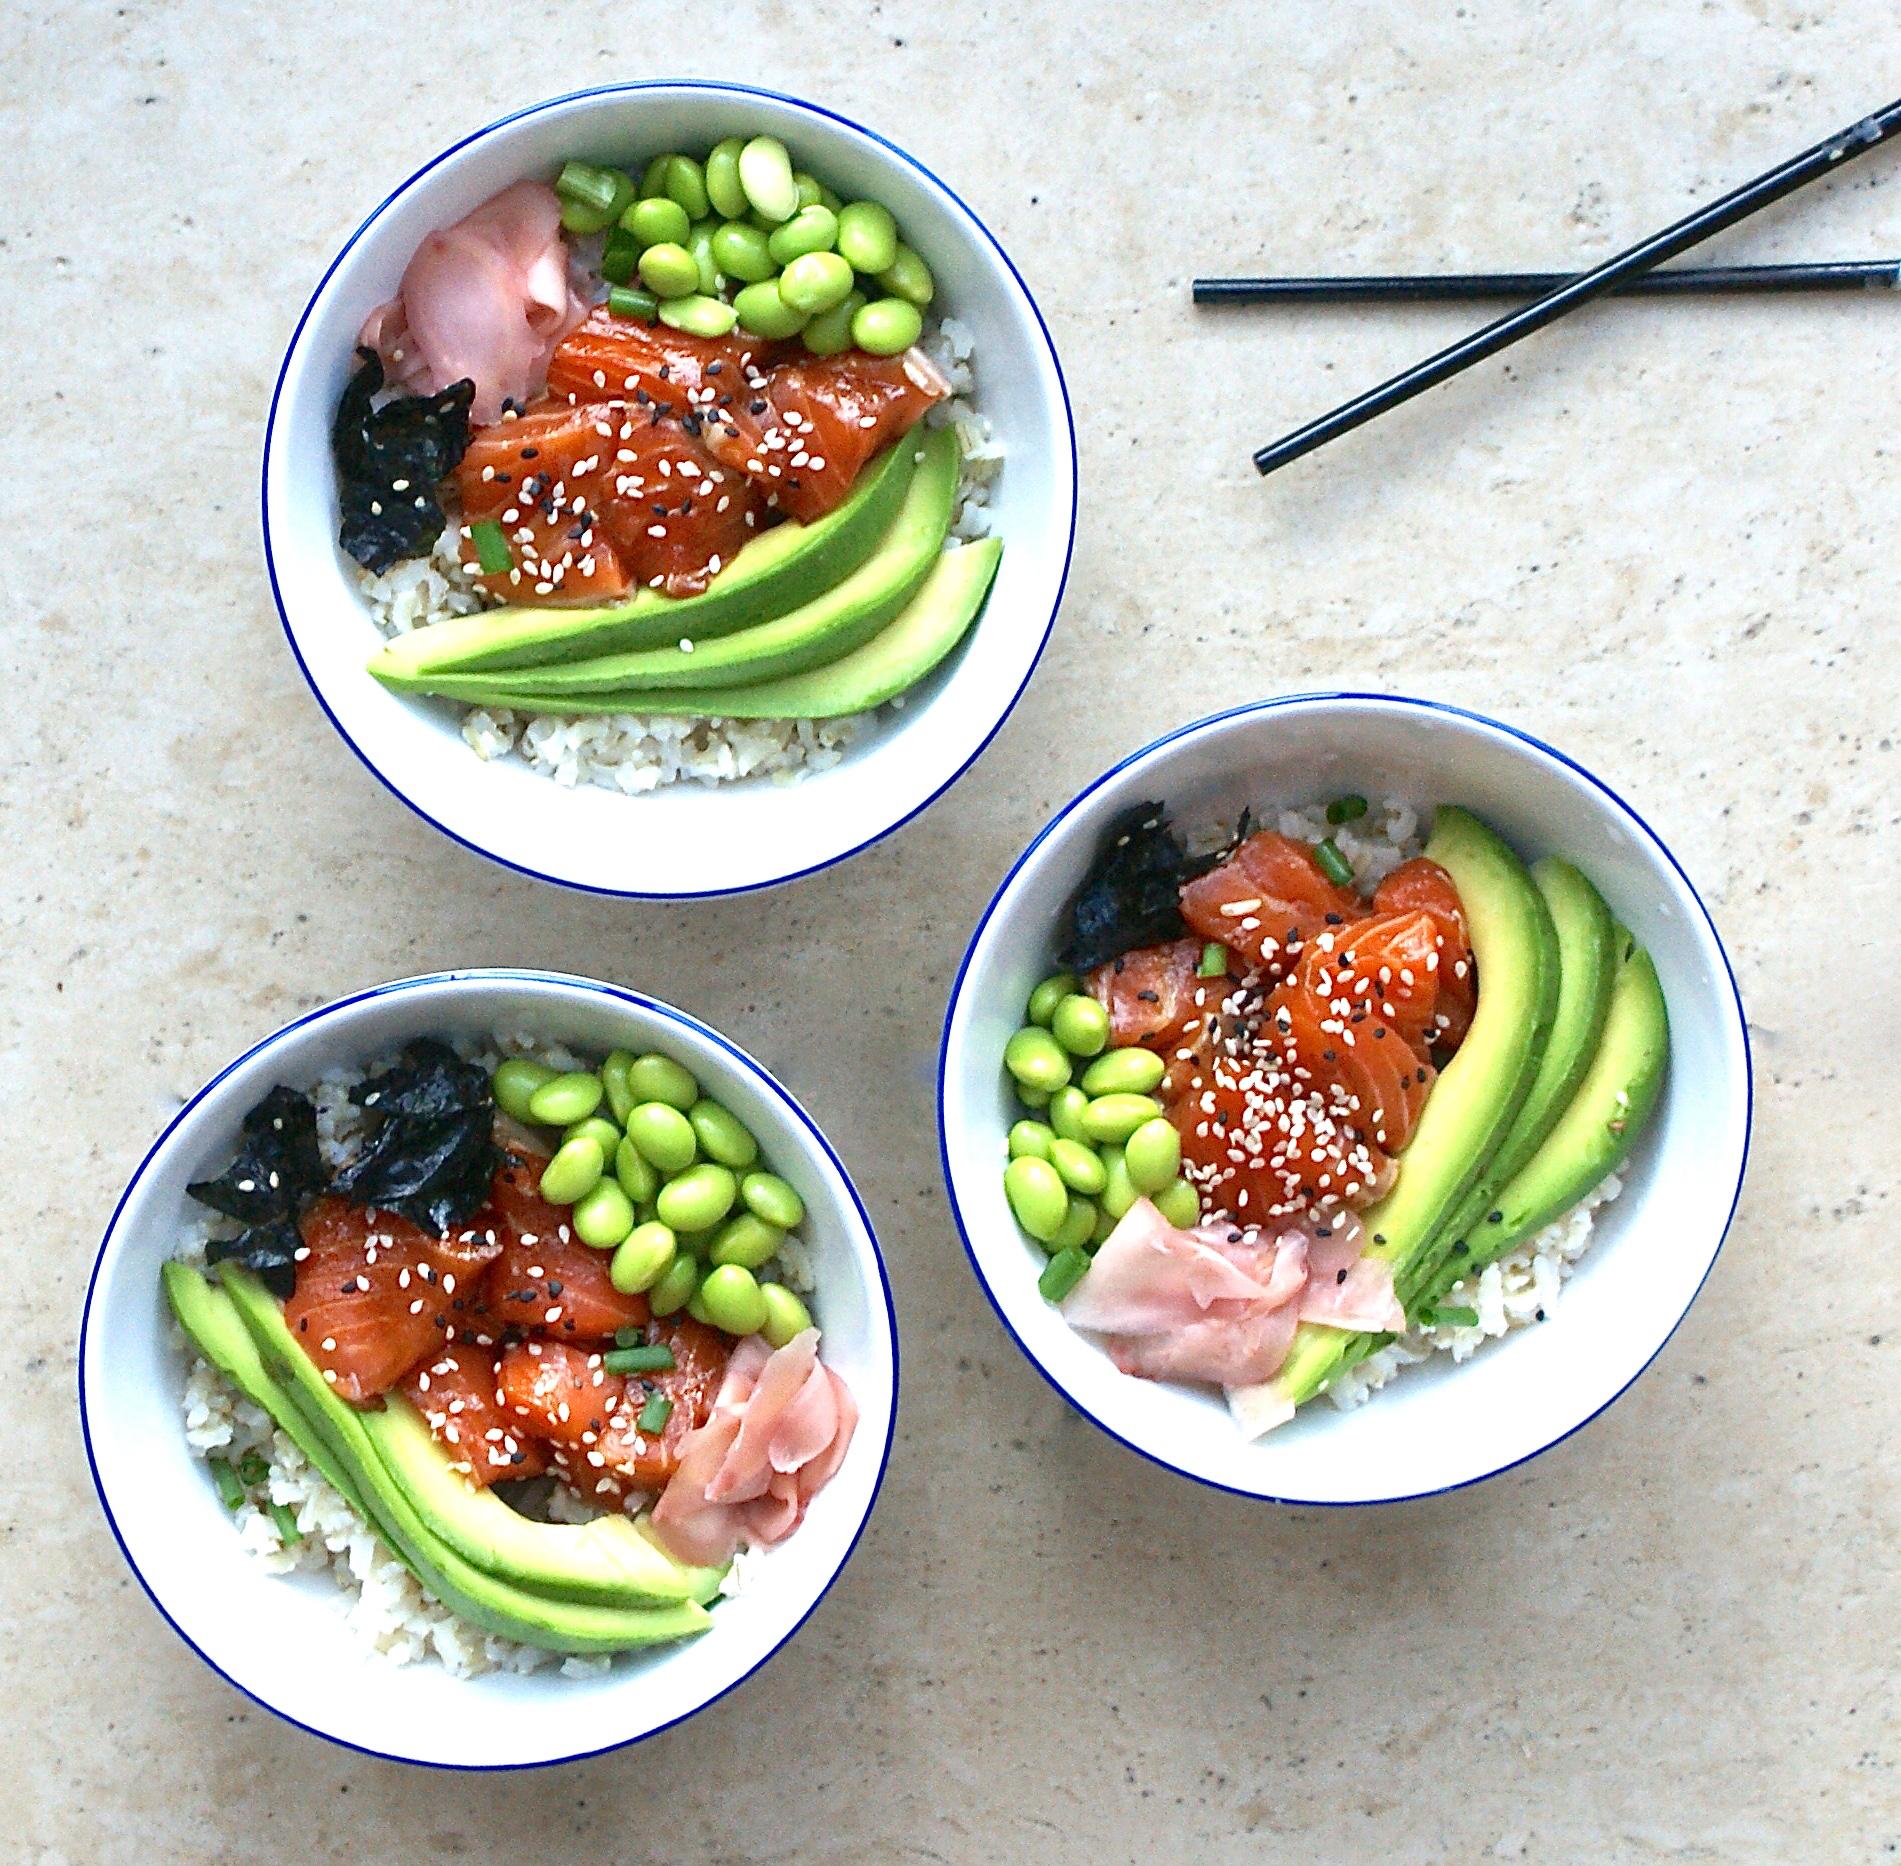 sushi-bowl-brown-rice-healthy-gluten-free-salmon-sashimi-edamame ...